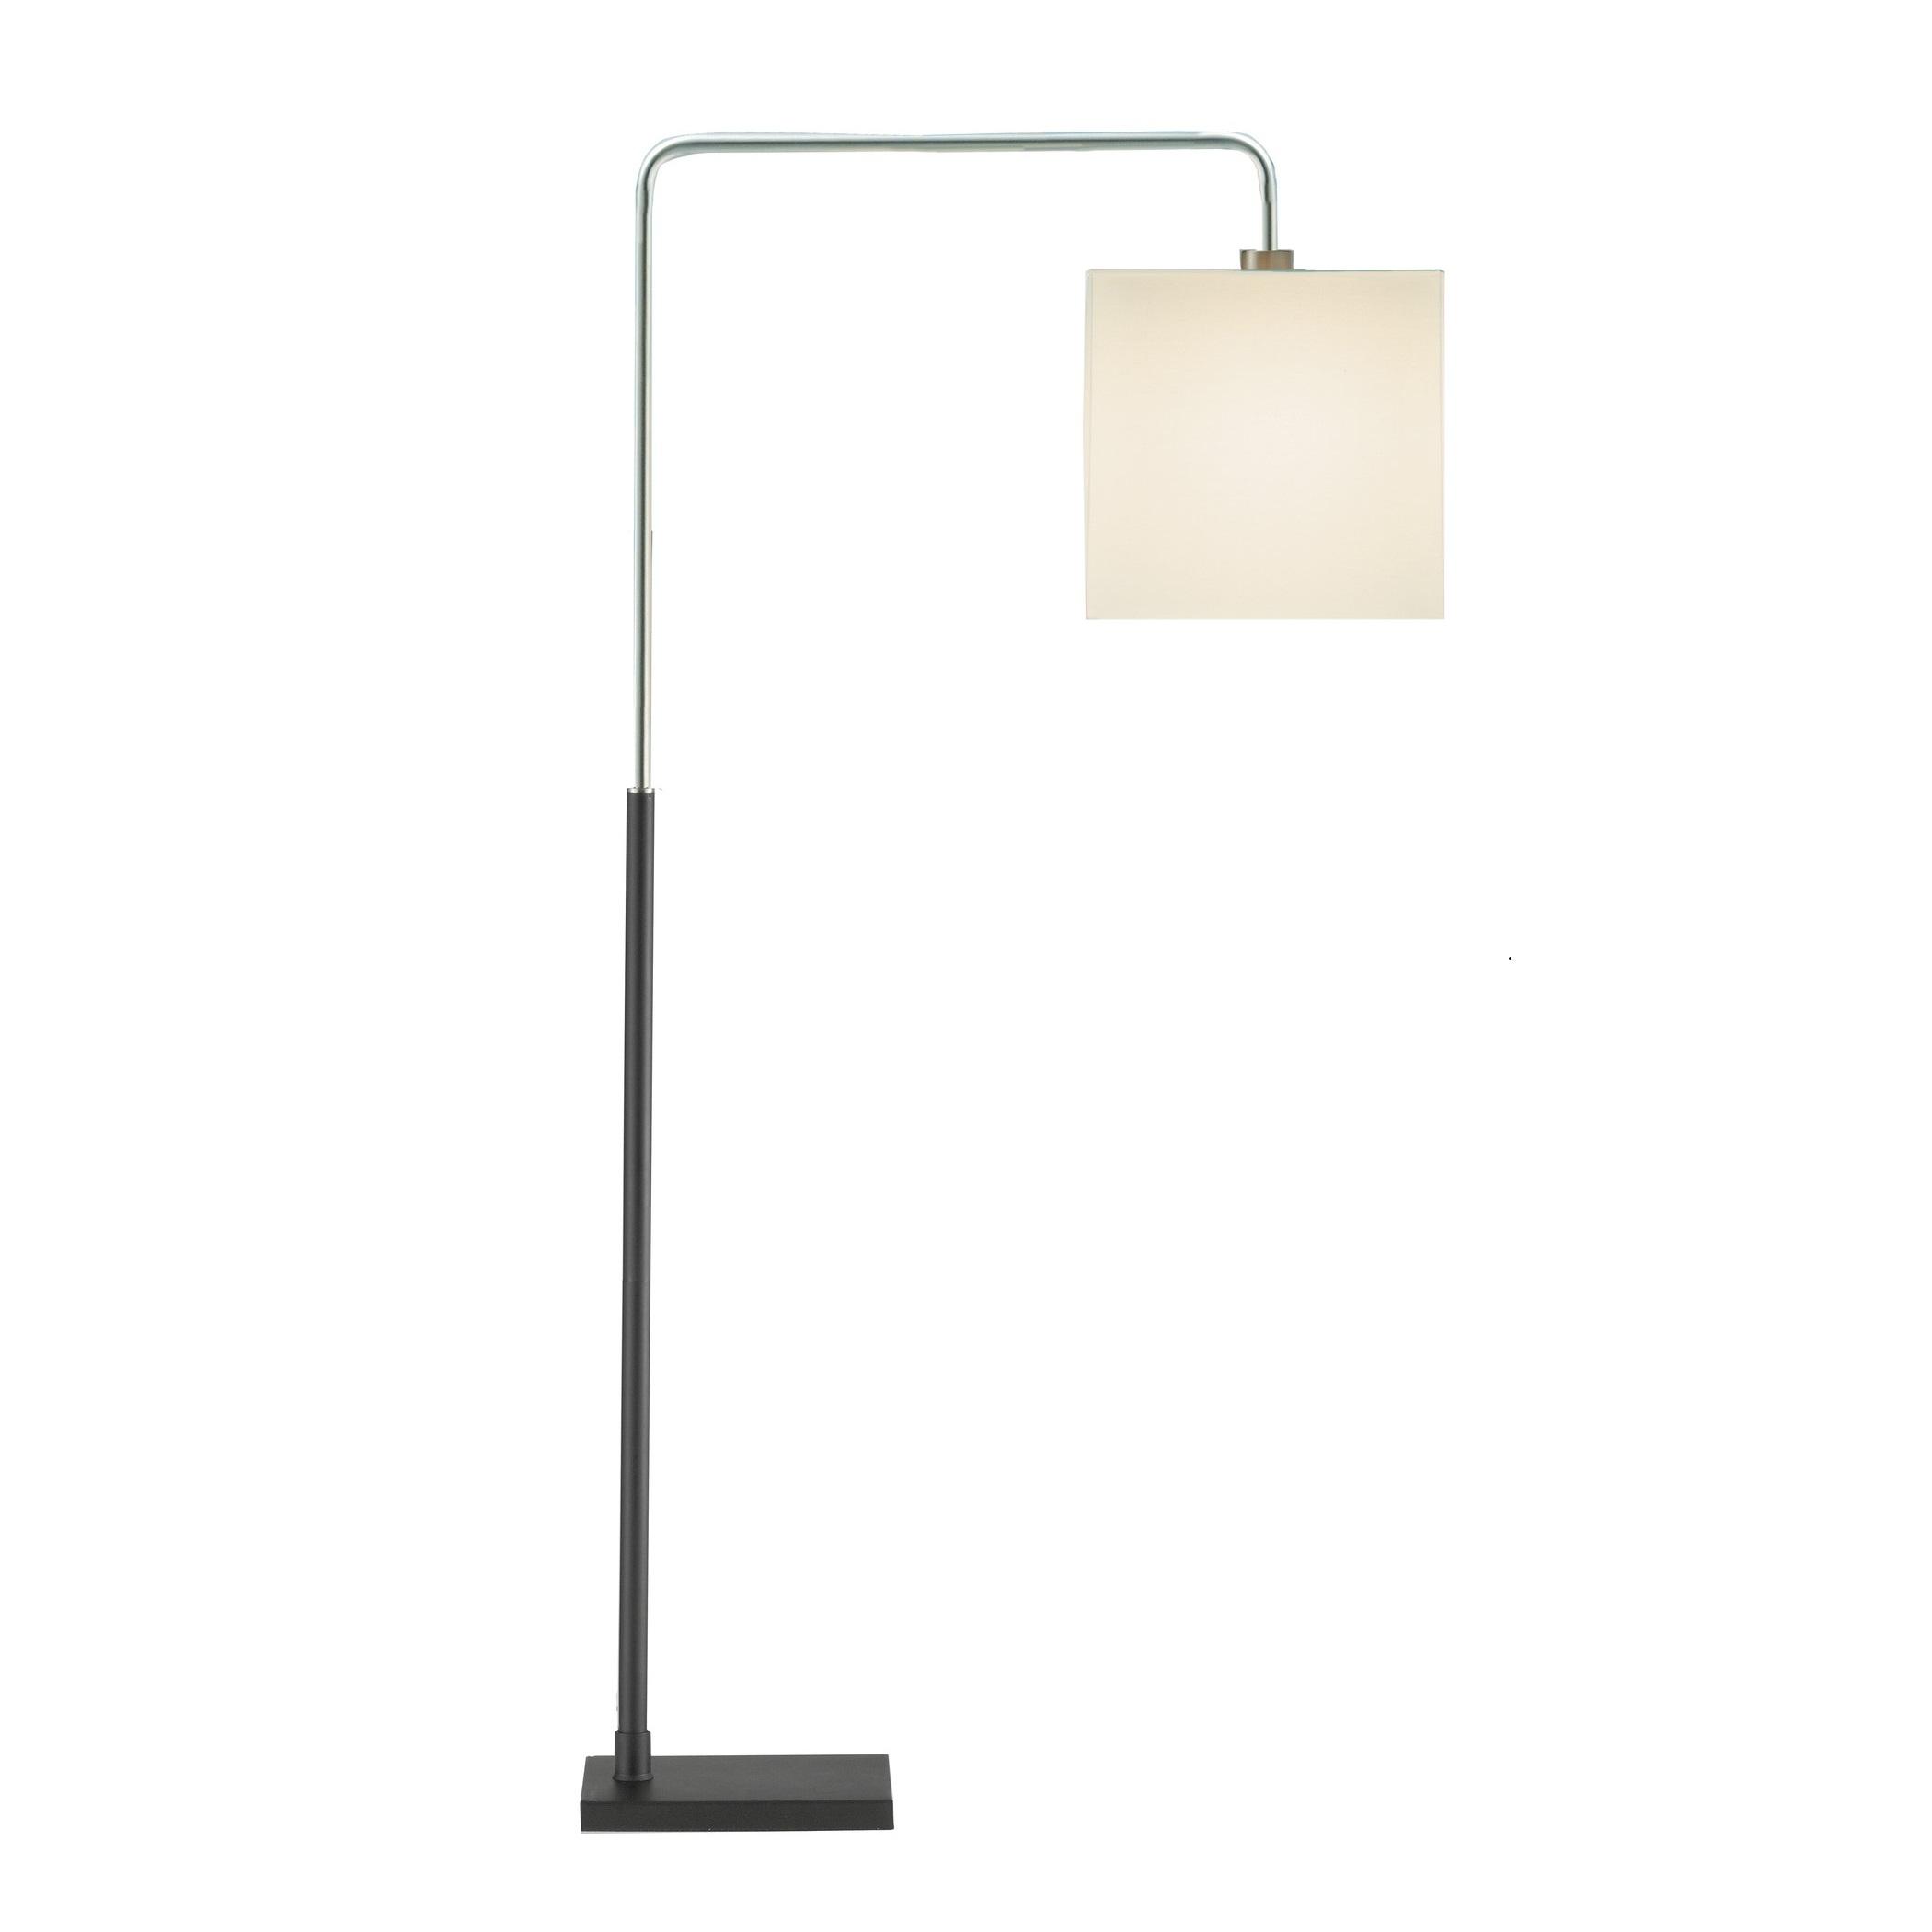 Adesso Essex Arc Floor Lamp 3292 01 L Brilliant Source Lighting